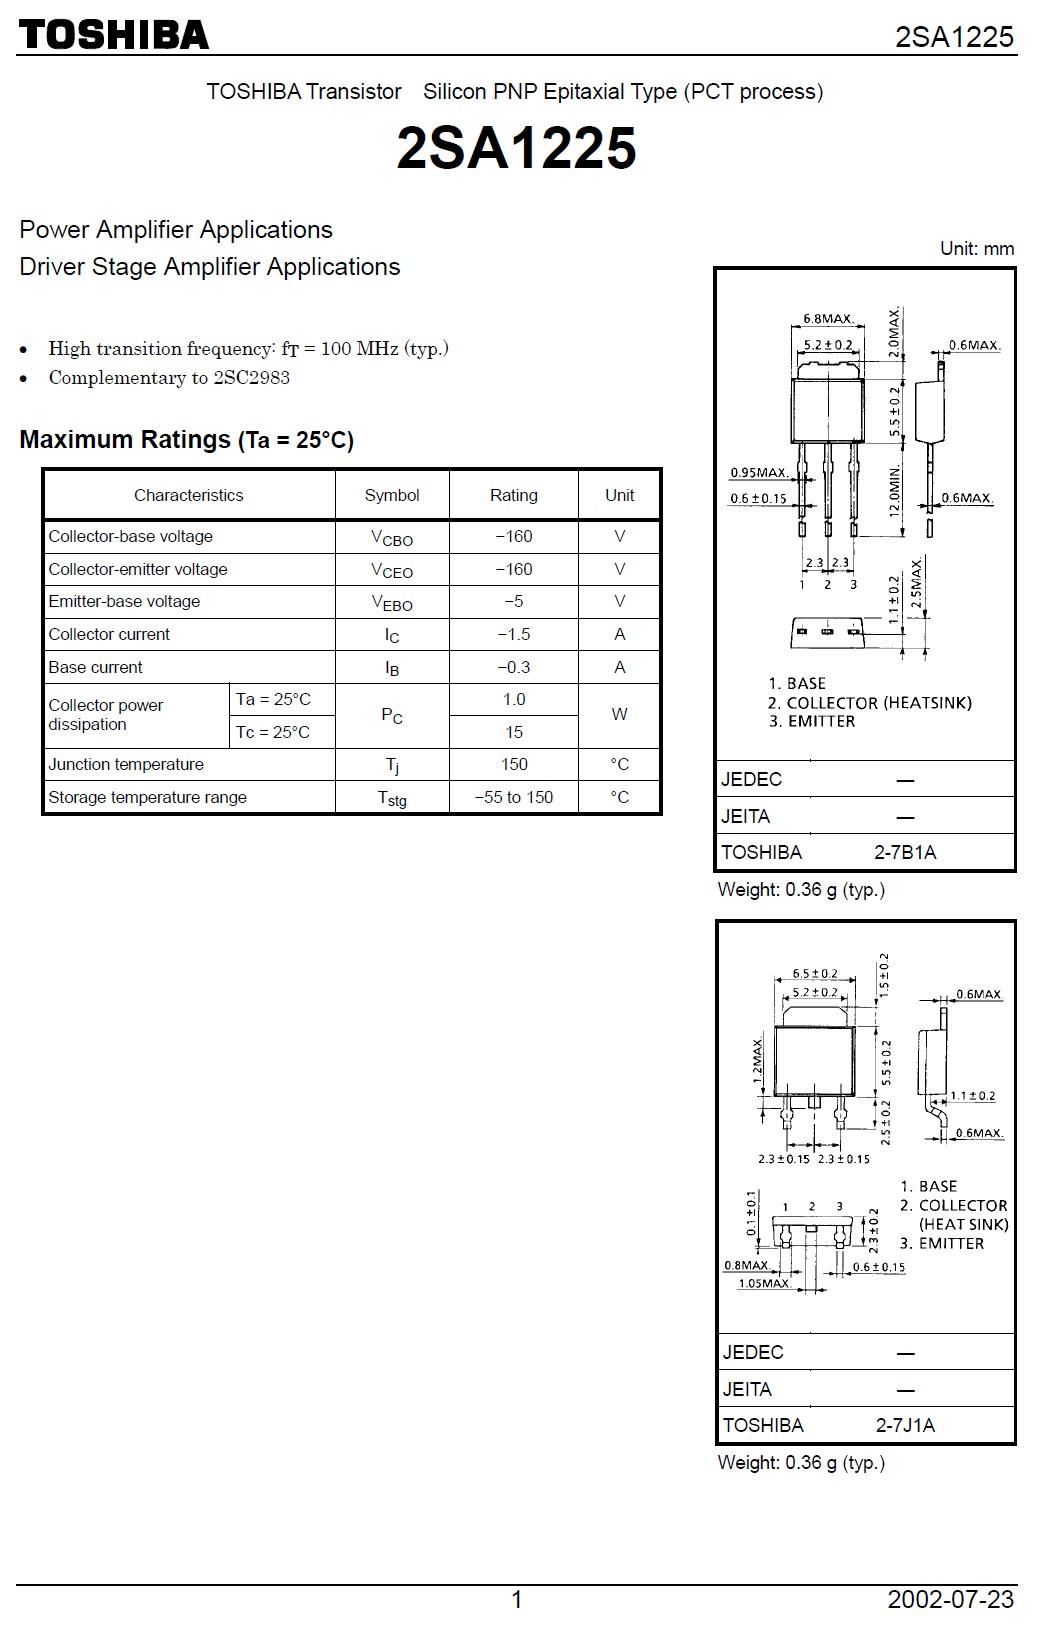 SI-P 160V 1.5A 15W 100MHz NF/S 2SA1225